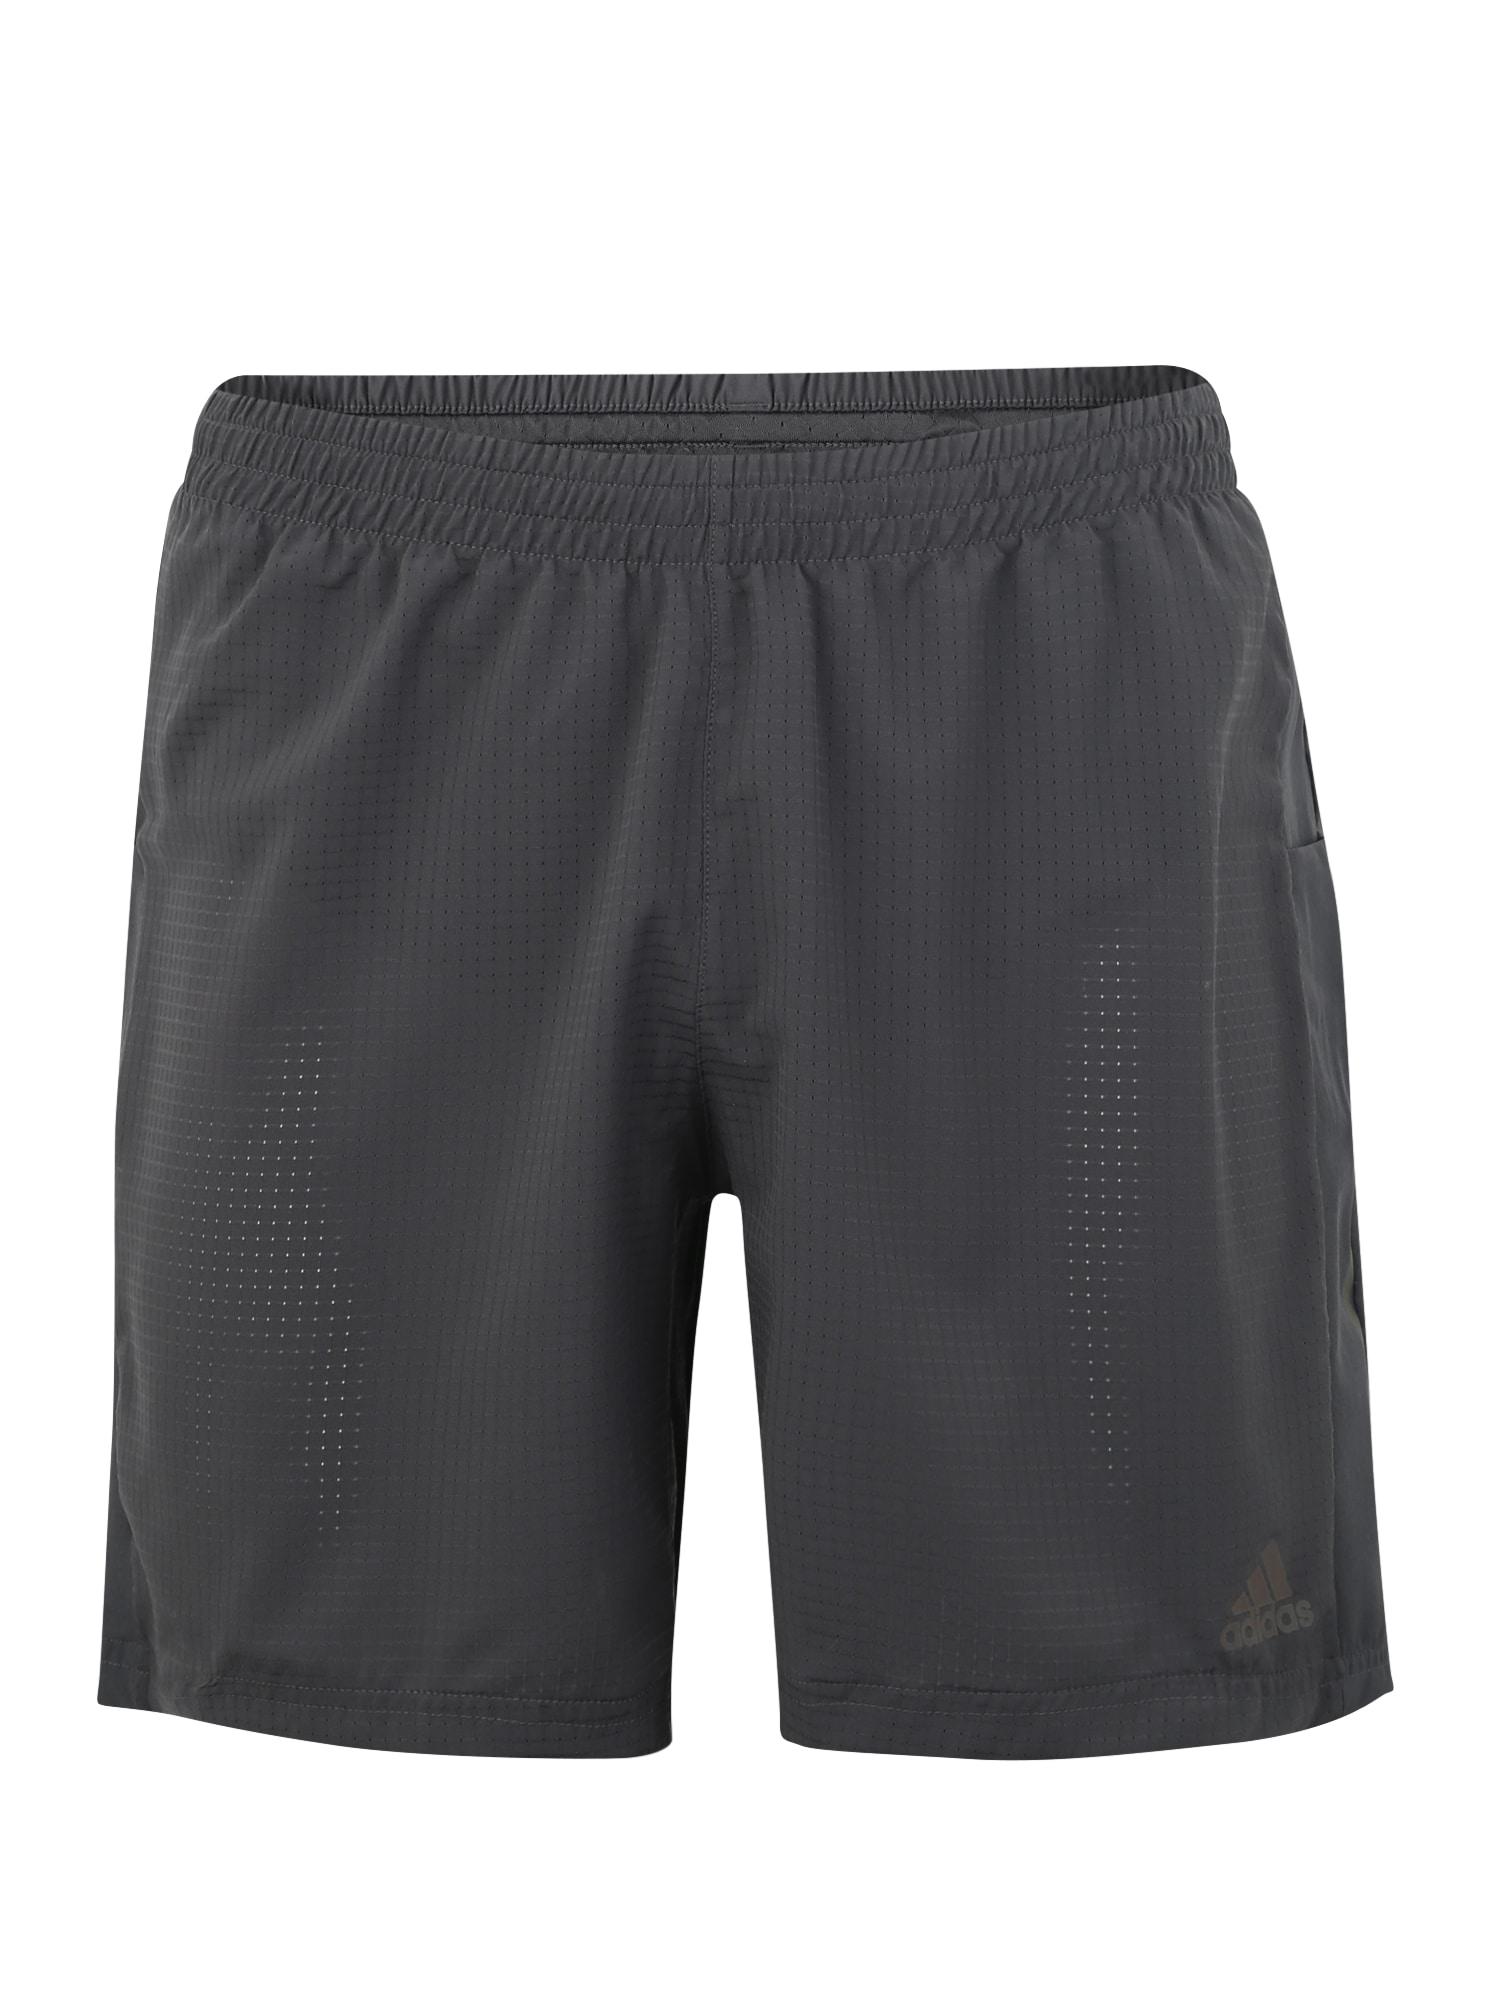 ADIDAS PERFORMANCE Sportinės kelnės 'SUPERNOVA SHORT' tamsiai pilka